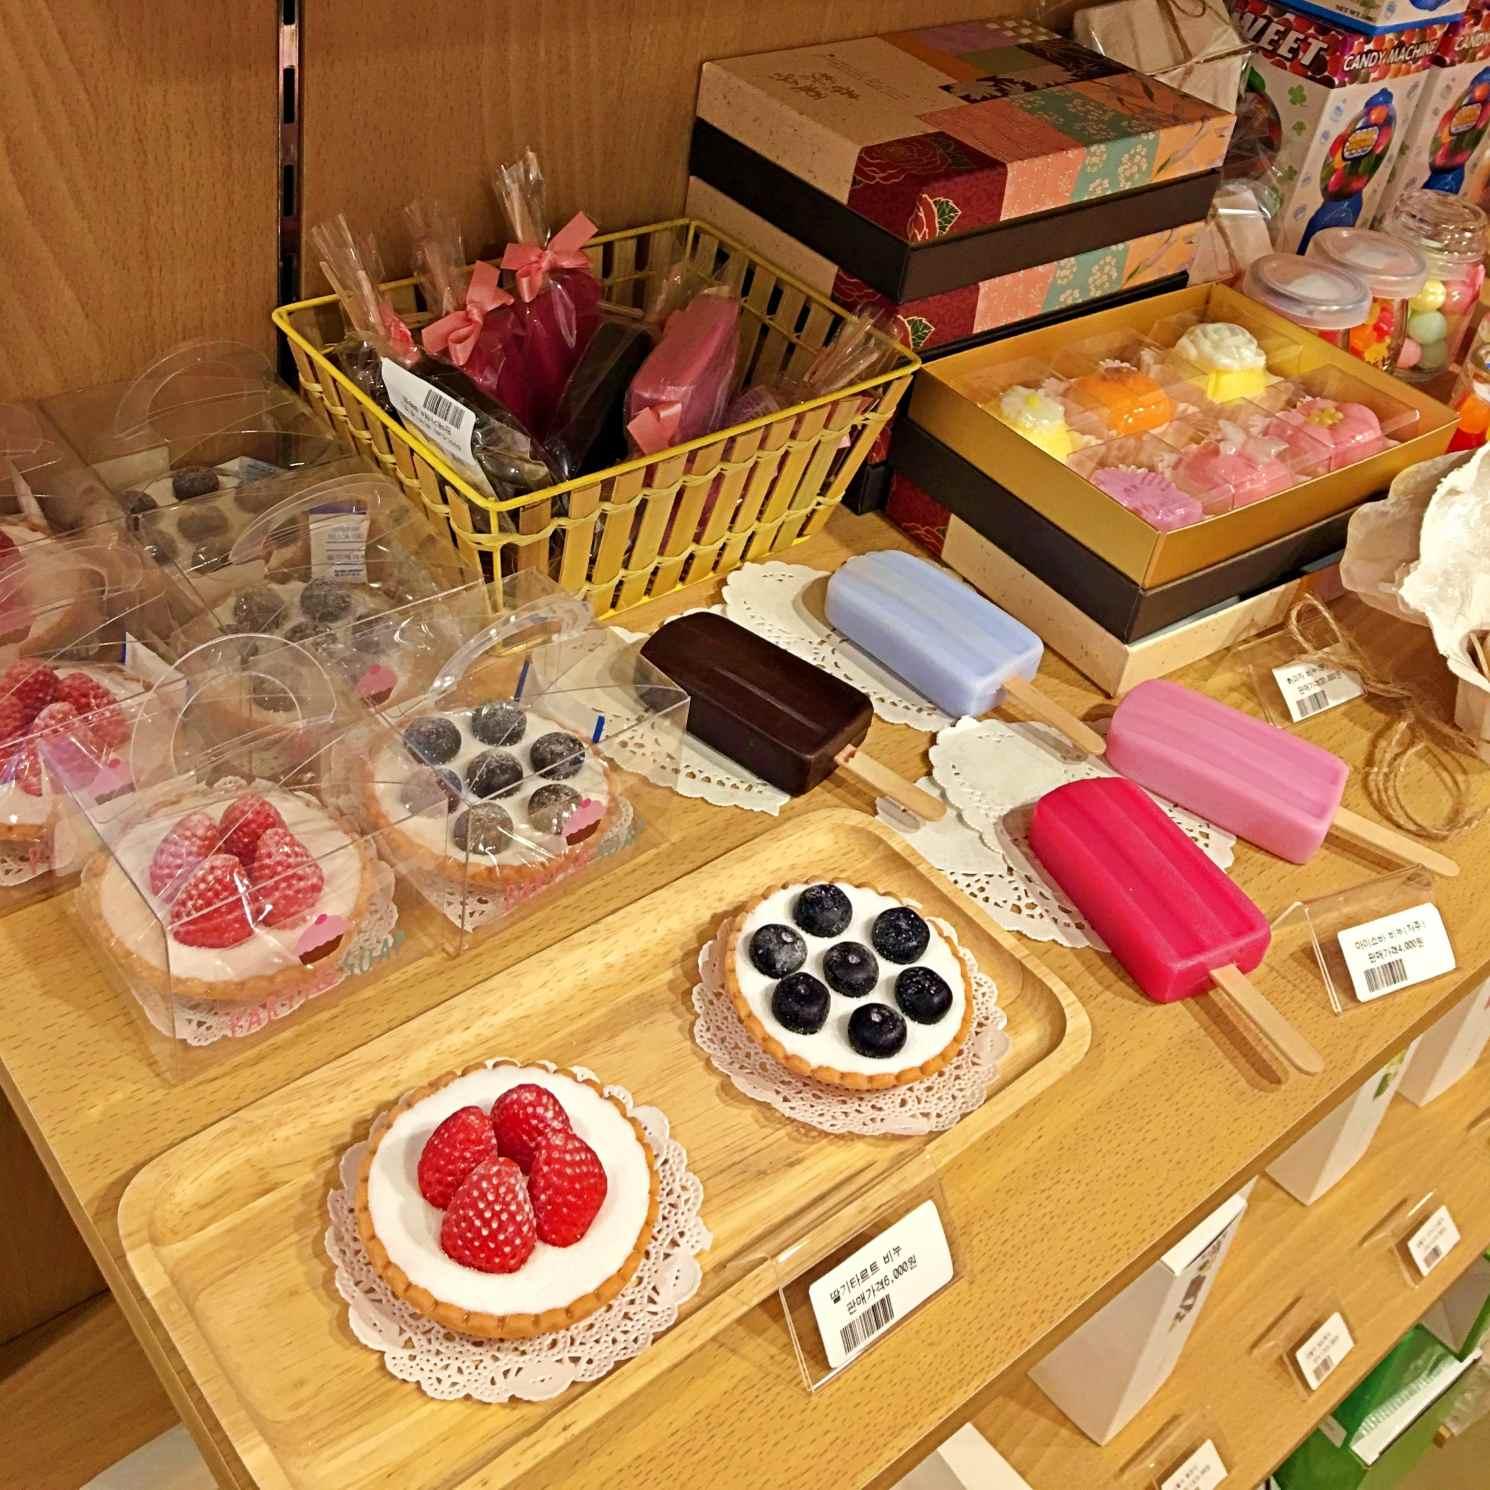 這是食物造型蠟燭,這邊賣了很多香氛蠟燭,整間店都香香的。